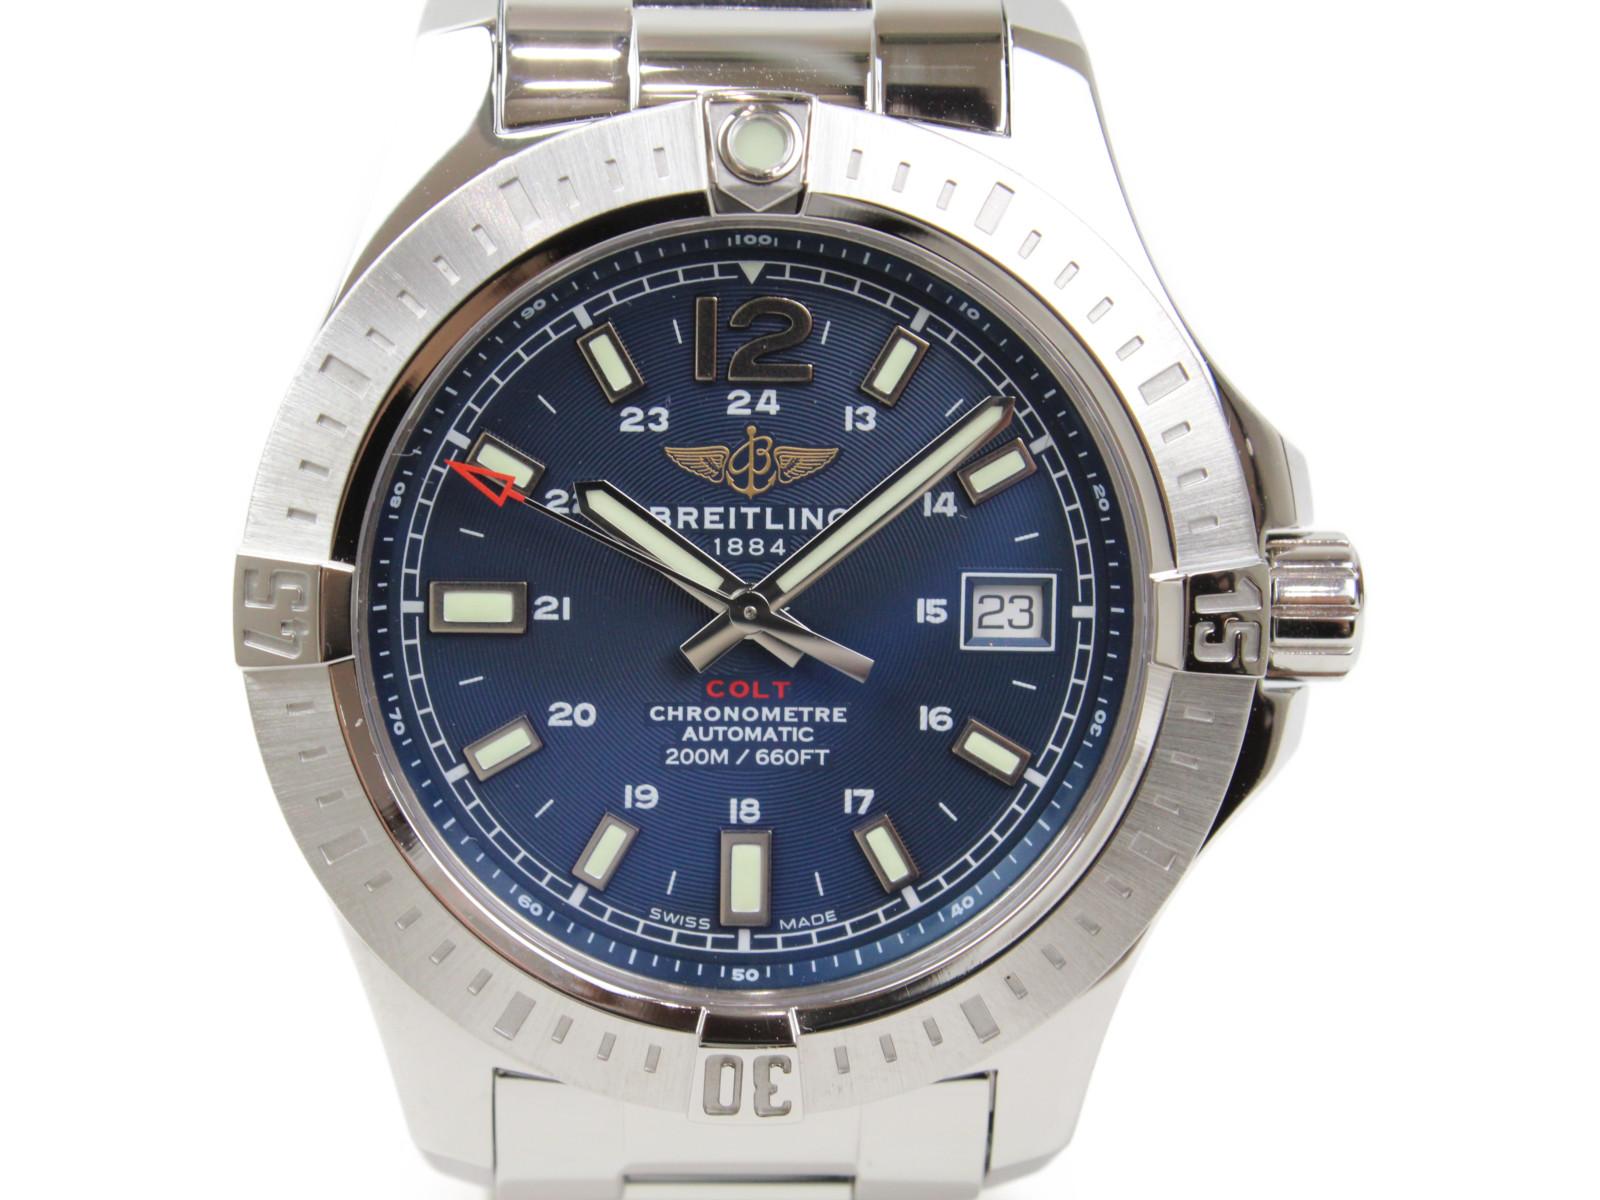 【ギャラ有】BREITLING ブライトリング コルト A17313 自動巻き デイト 200m防水 SS ステンレススチール ブルー 青 紺 ネイビー メンズ 腕時計【中古】